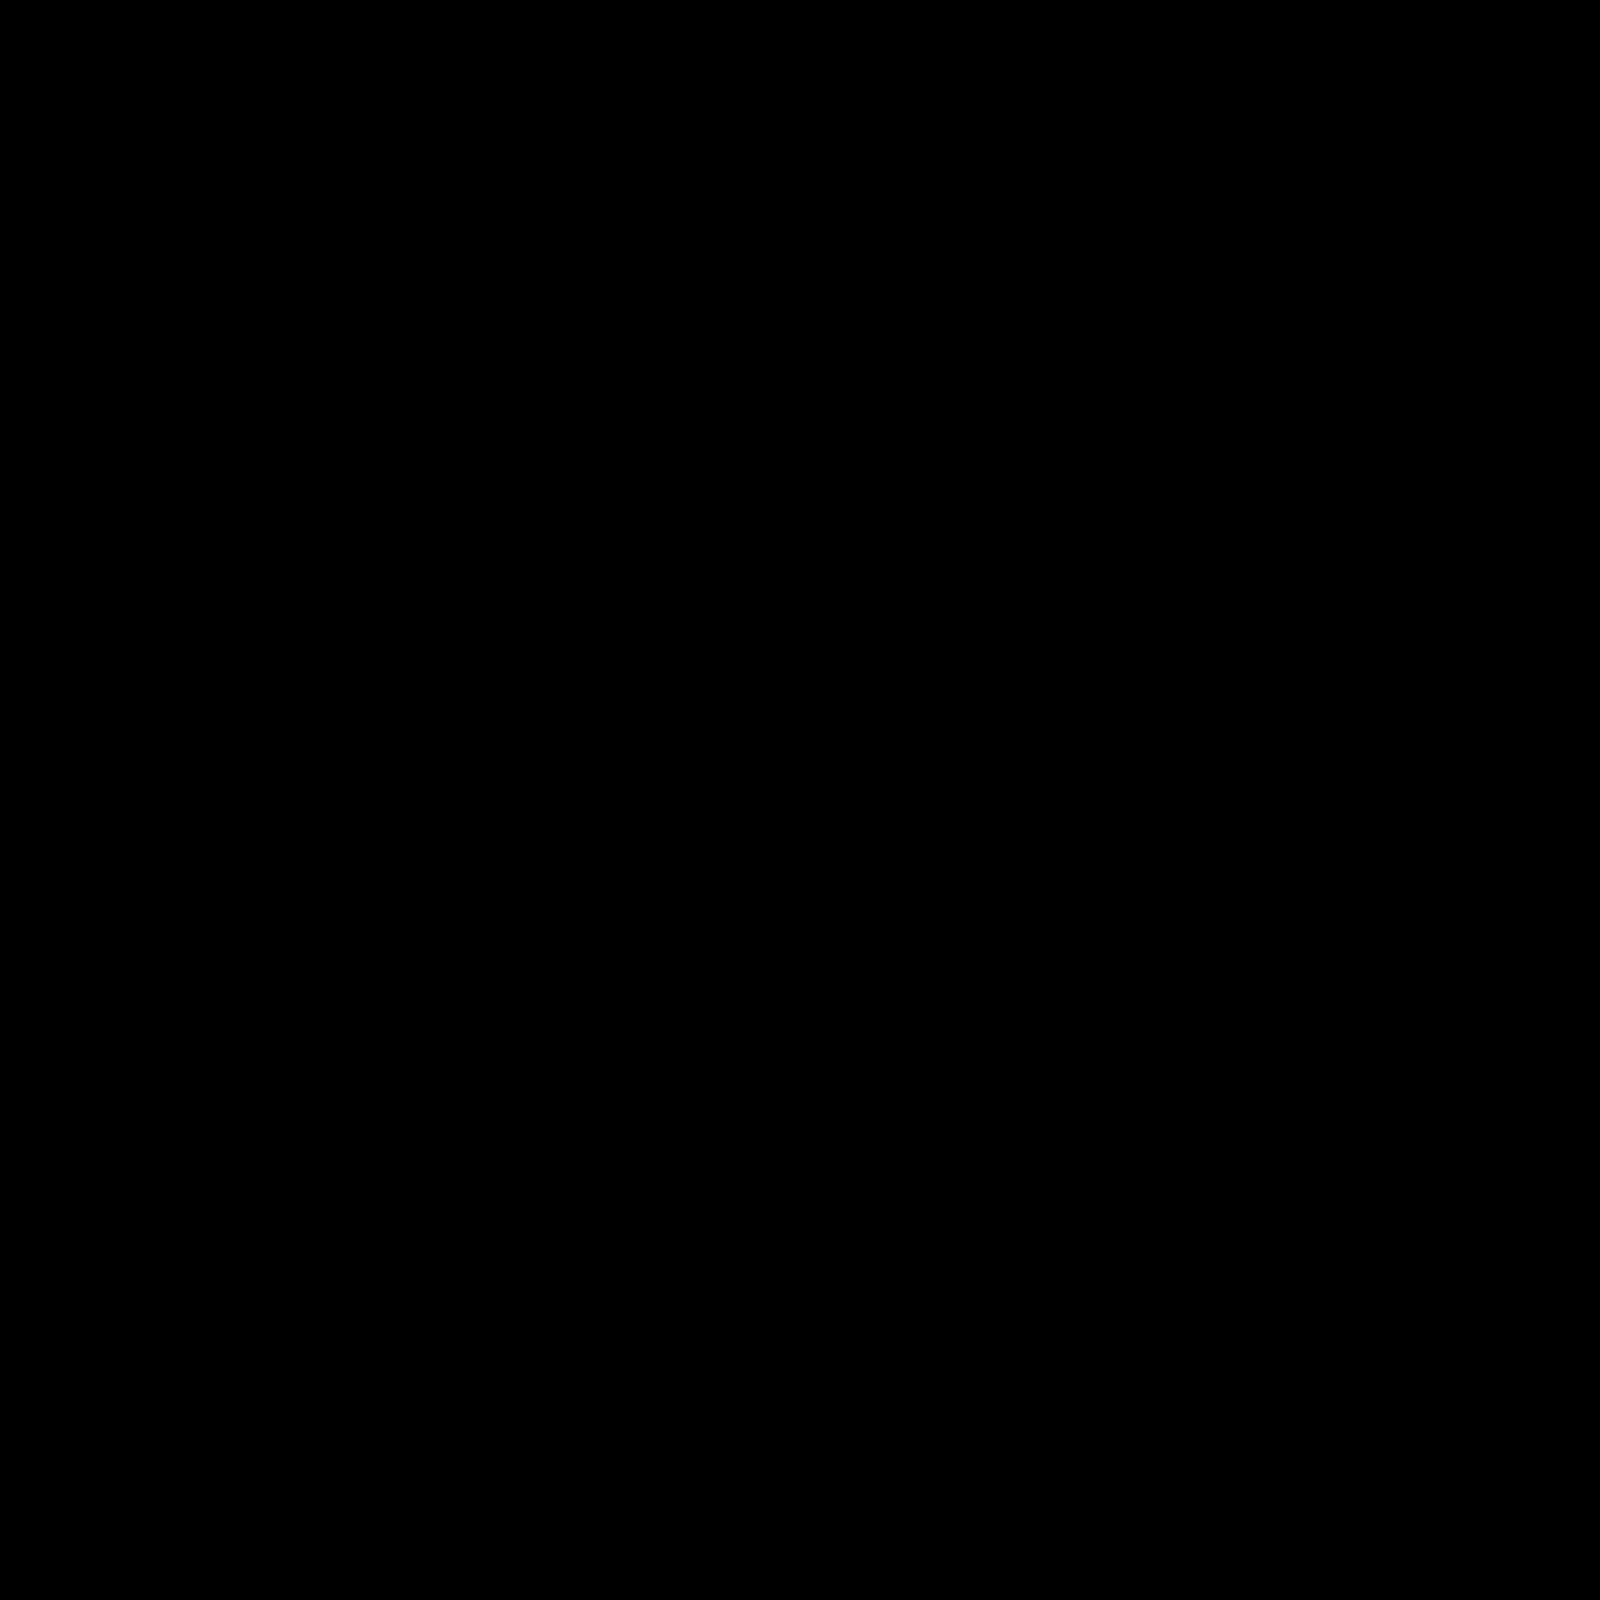 """シンビアン icon. This is a logo of the letter """"S"""". The logo is popping out in a three-dimensional manner, the main """"S"""" to the right, and the three-dimensional trail behind it in the left."""